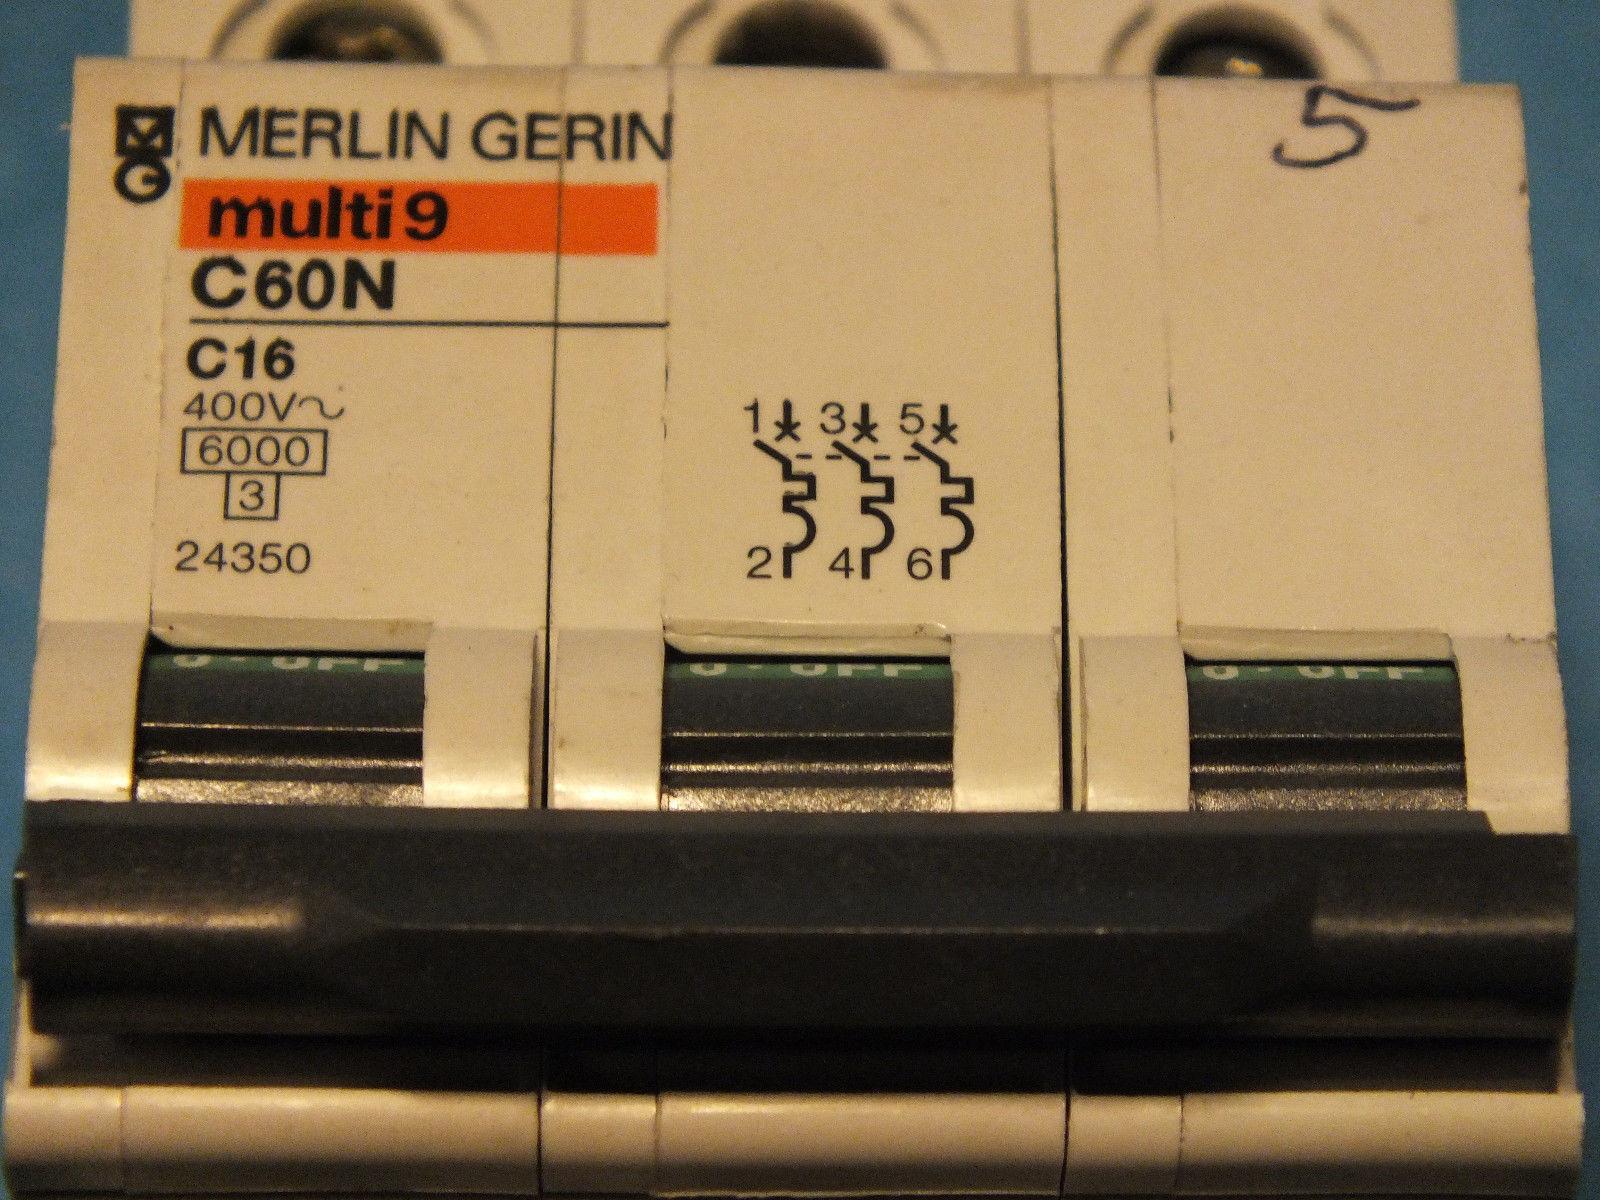 MERLIN GERIN multi9 C60N C16 24350